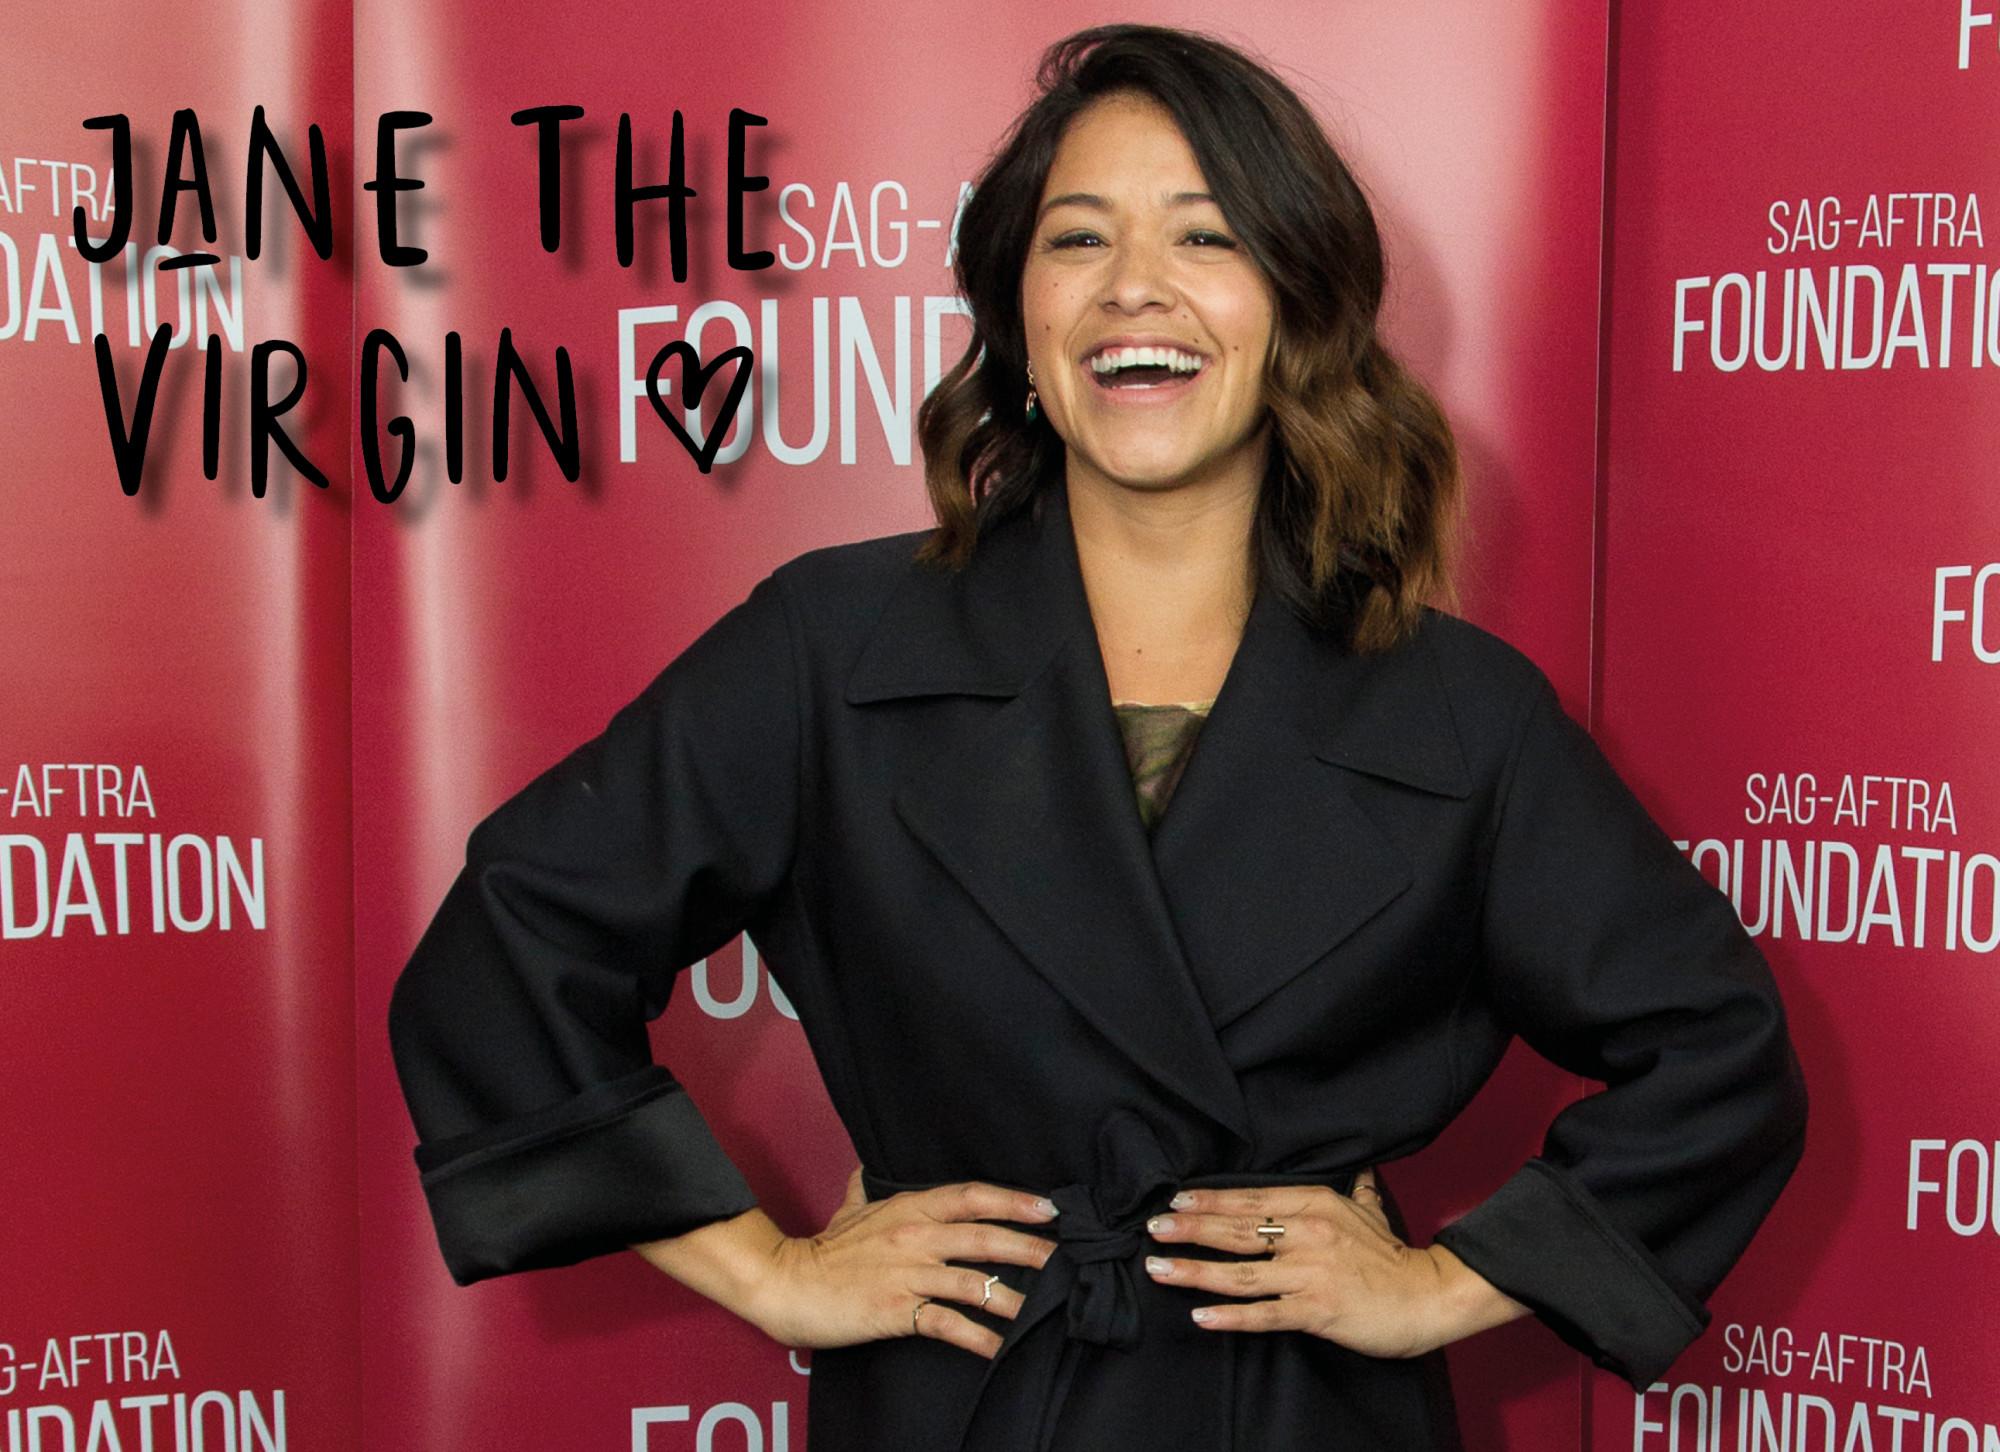 vrouw voor rode muur lachen met zwarte jas